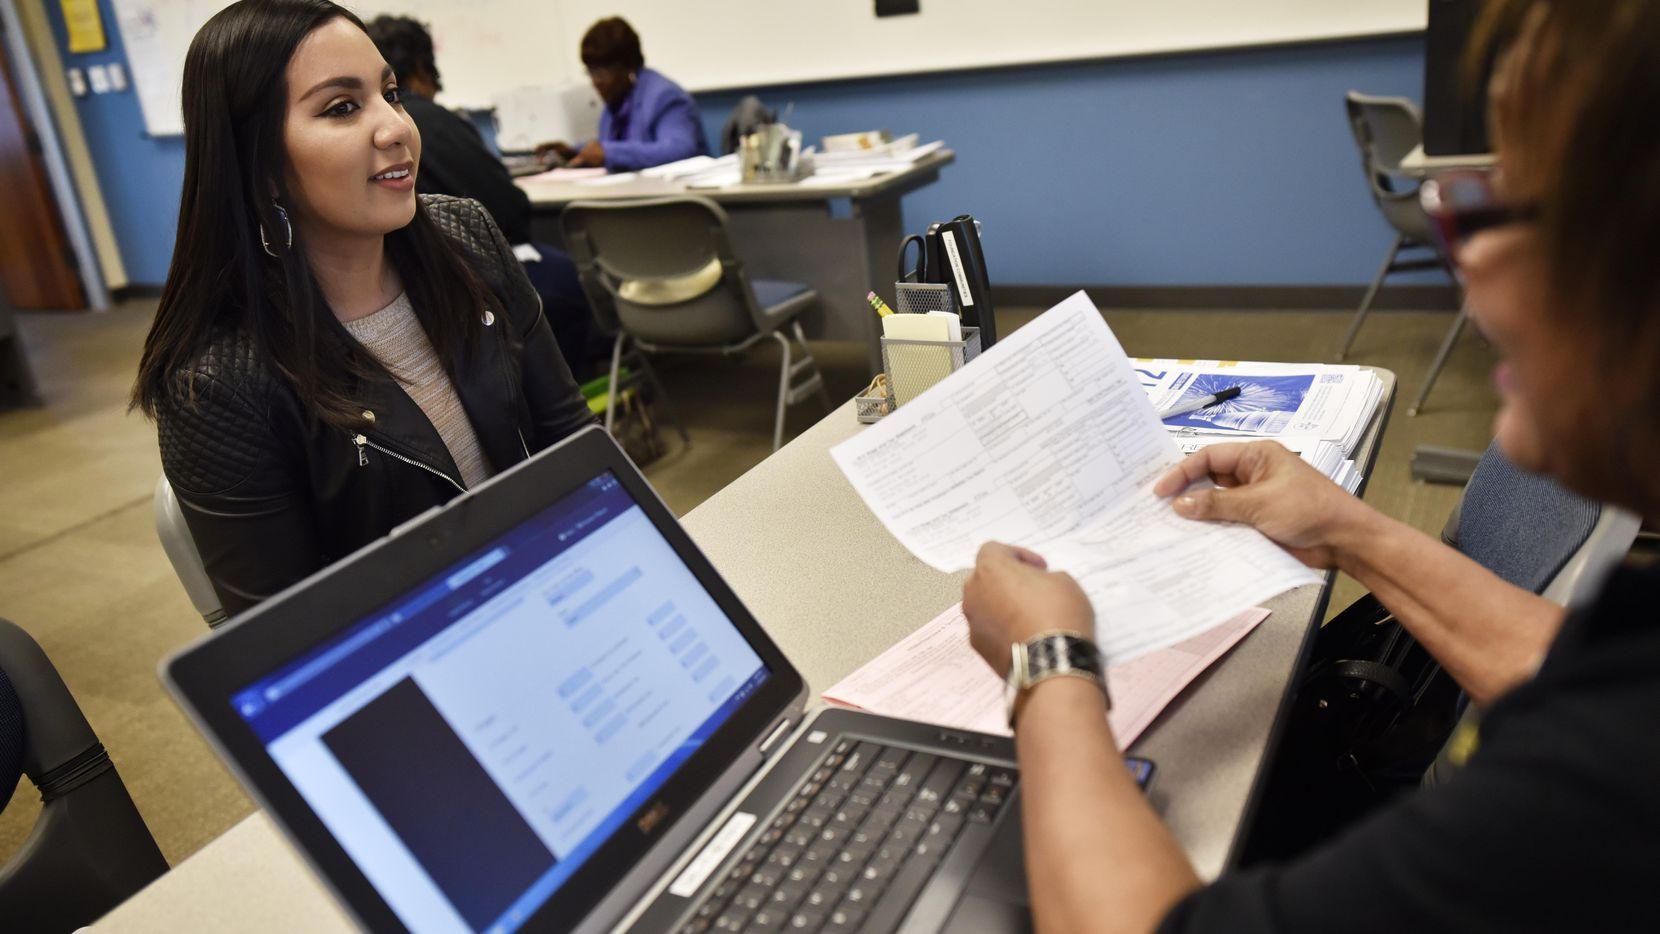 Joselyn Briseño, de 23 años, recibe asistencia en un centro para impuestos, Dallas Community Tax Center, en el sur de Dallas. (DMN/BEN TORRES)